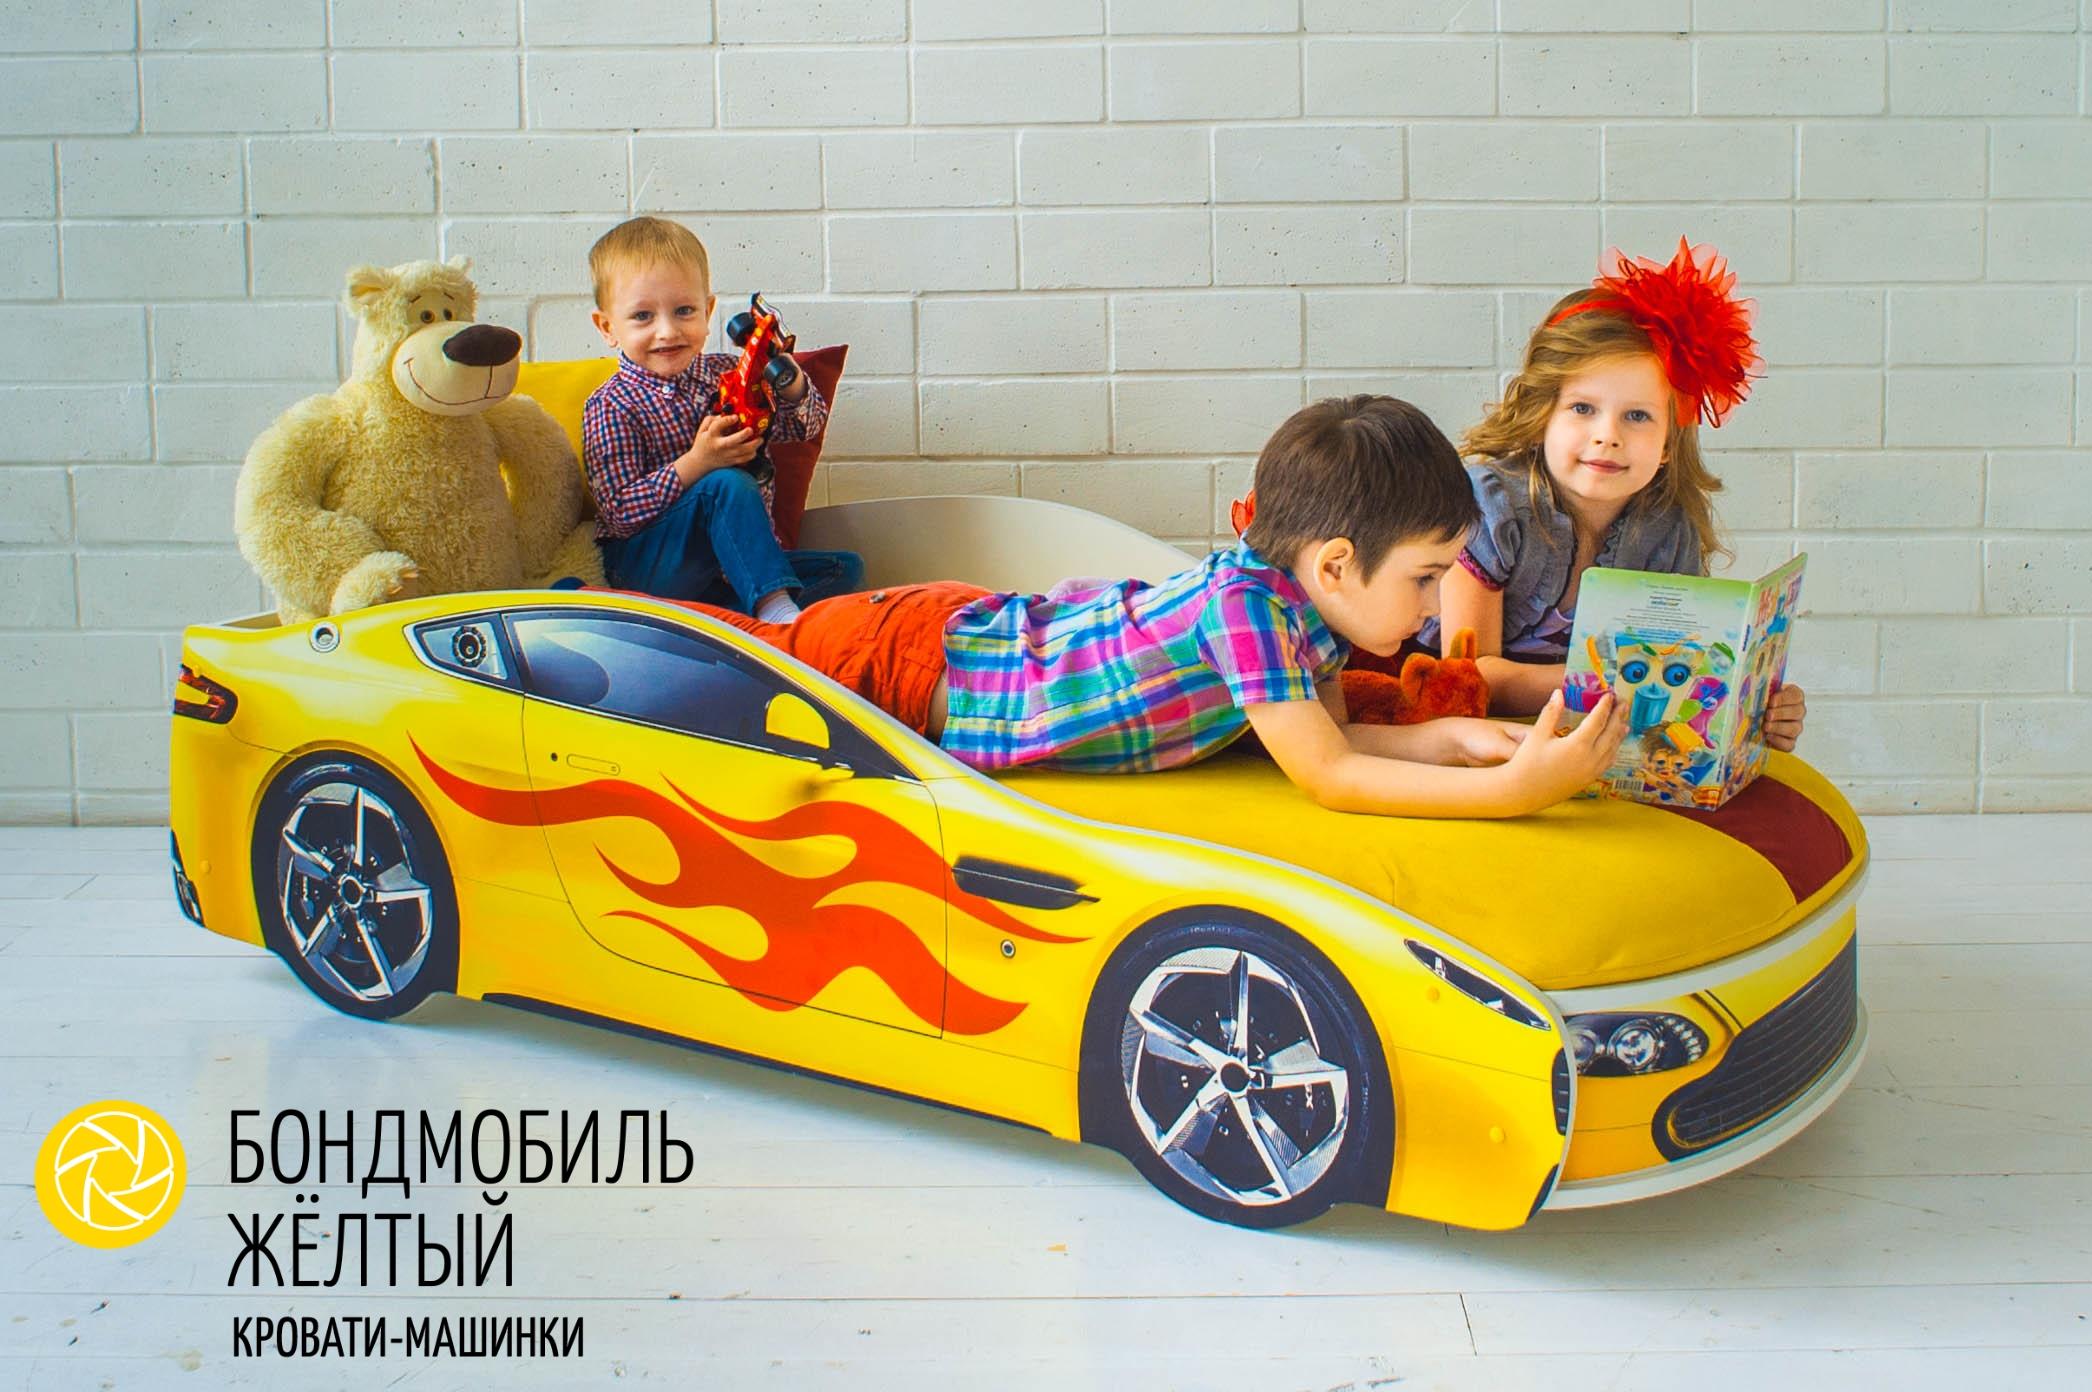 Детская кровать-машина желтый -Бондмобиль-10